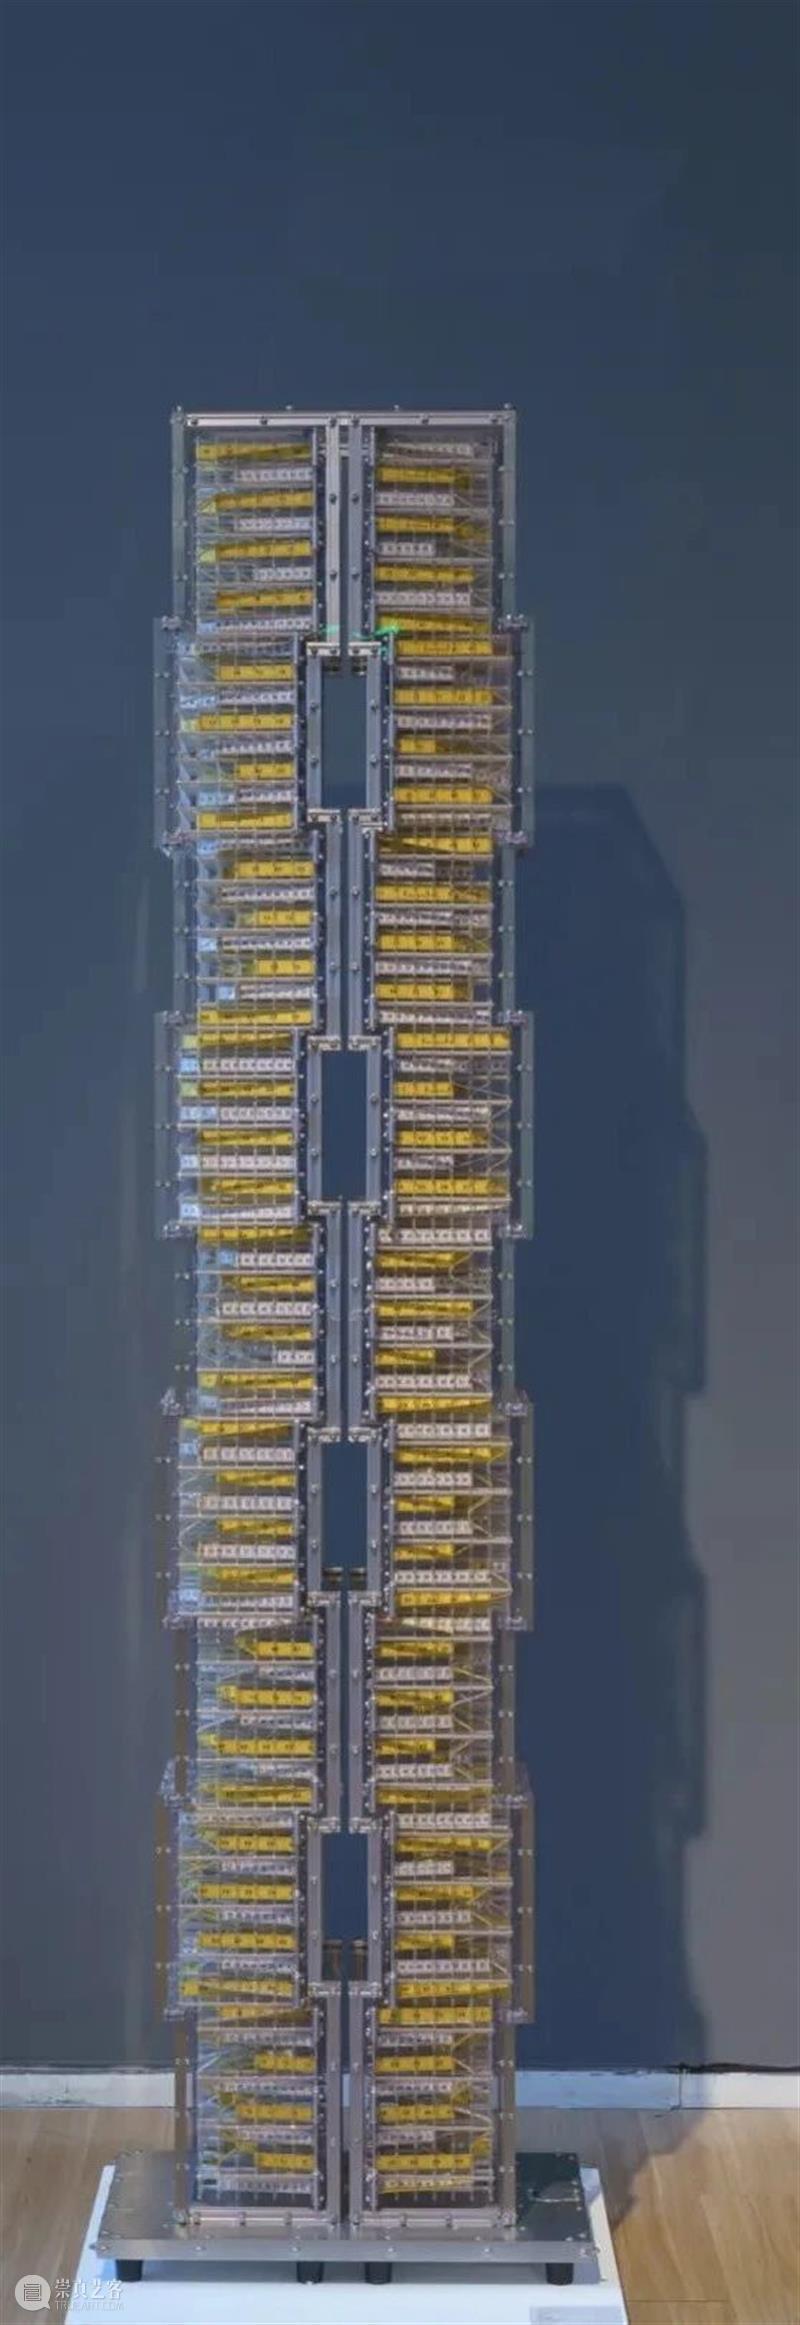 镜头 | 上帝视角-占研 上帝 视角 镜头 时间 电话 地址 北京市朝阳区 酒仙桥路 恒通商务园 B座 崇真艺客